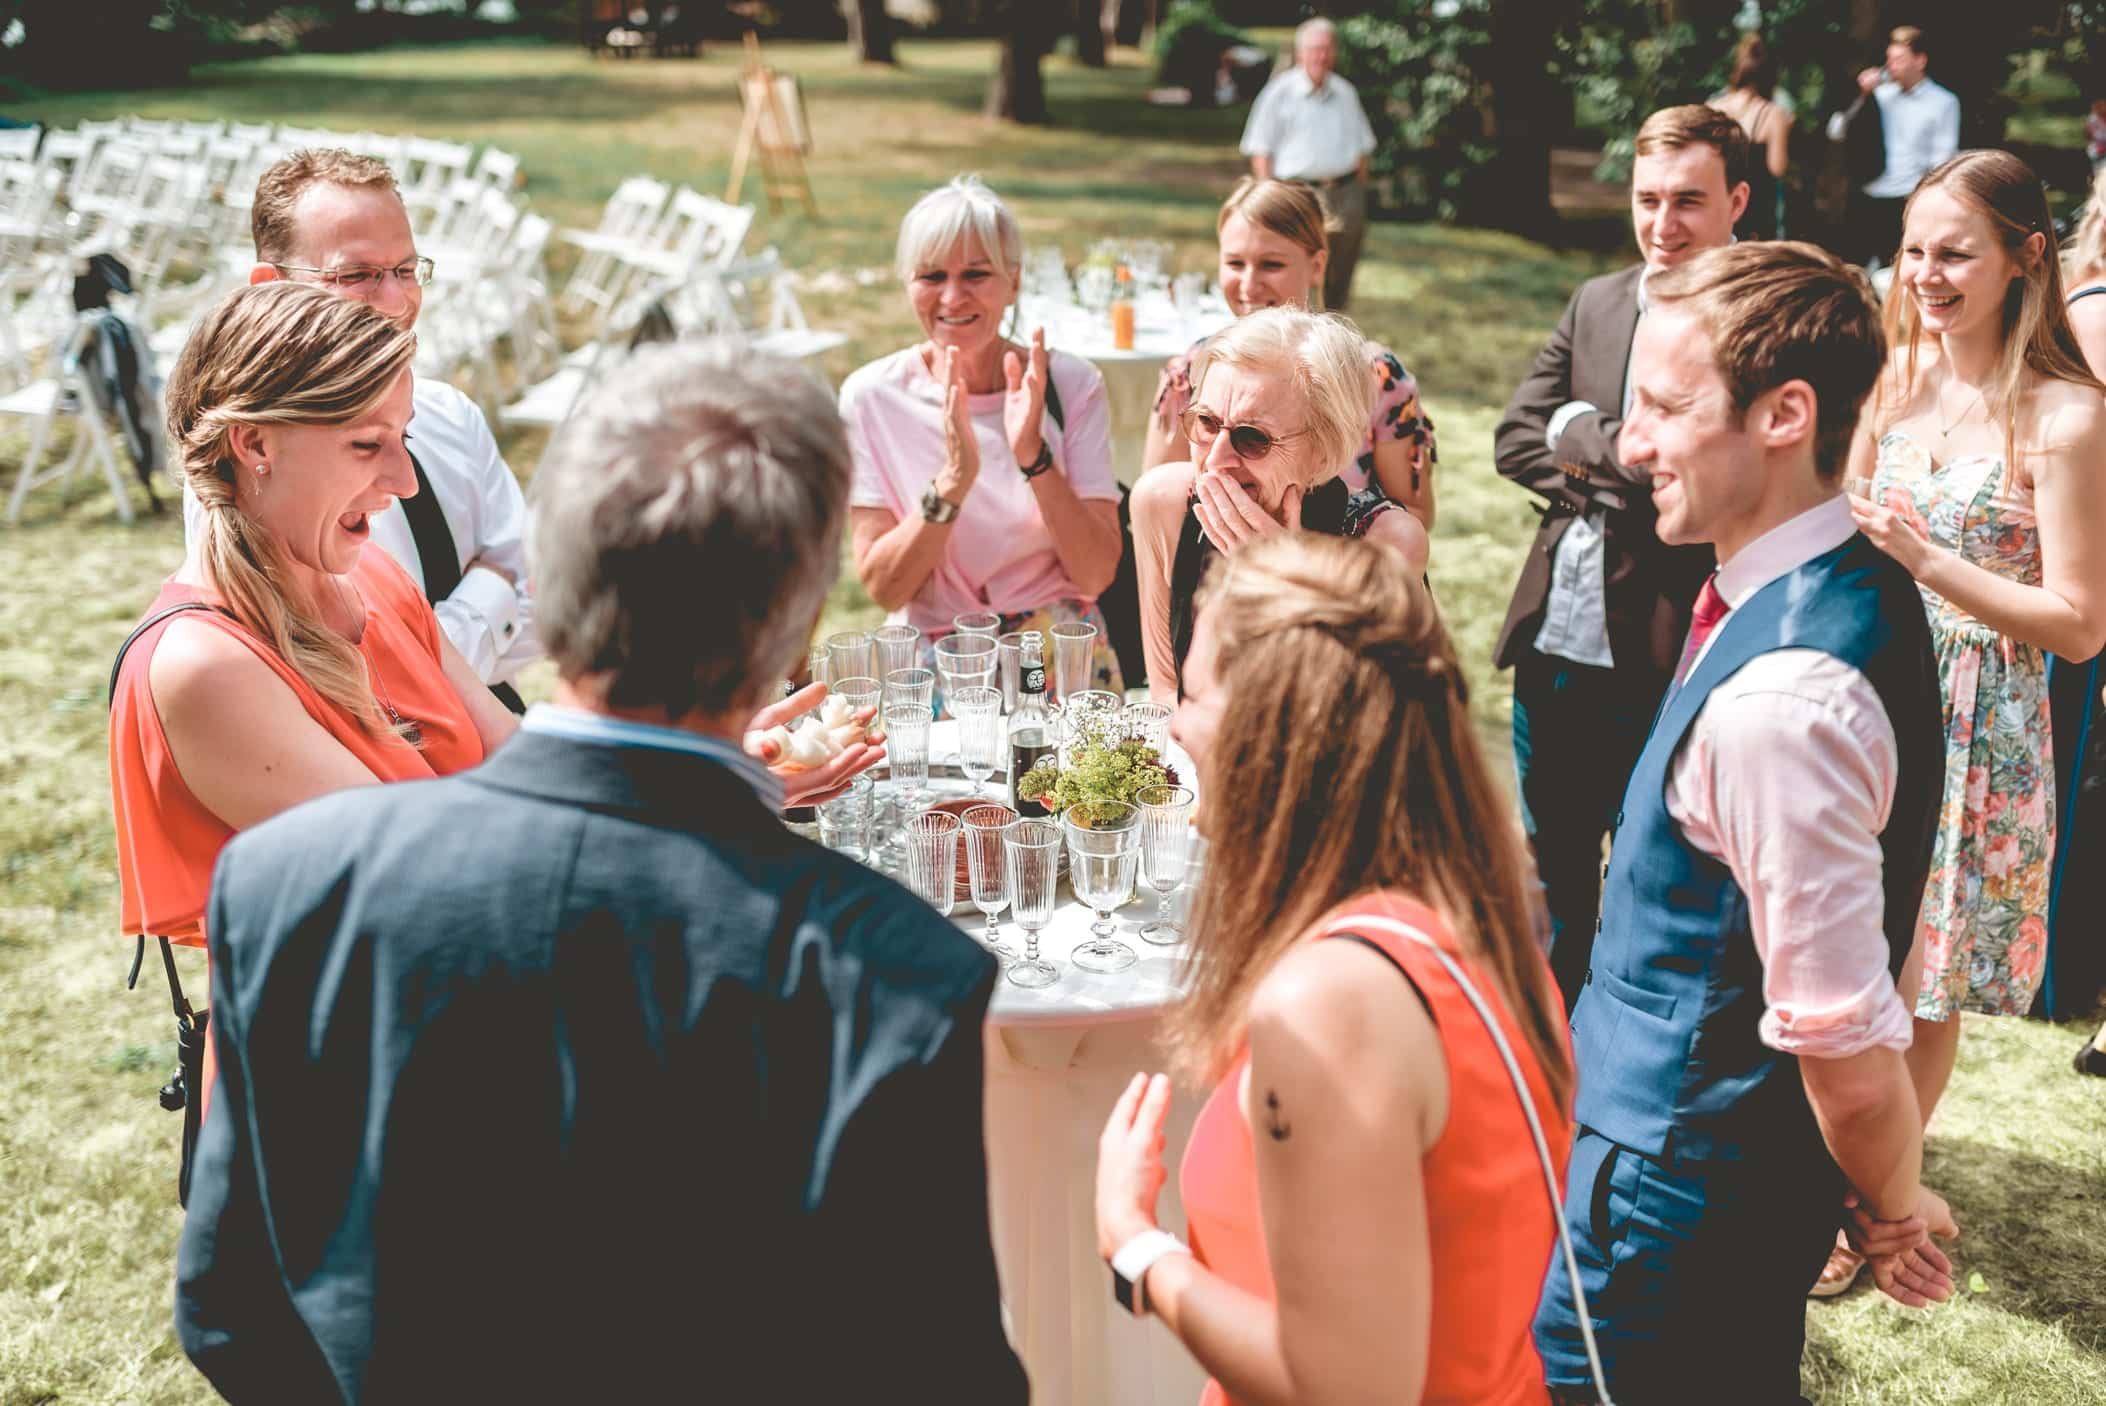 Bei einer Feier lockert der Zauberer die Stimmung mit seiner Closeup Zauberei auf. Die Gäste können kaum fassen, was in ihren eigenen Händen passiert. Sie lachen gemeinsam über die Magie am Stehtisch.